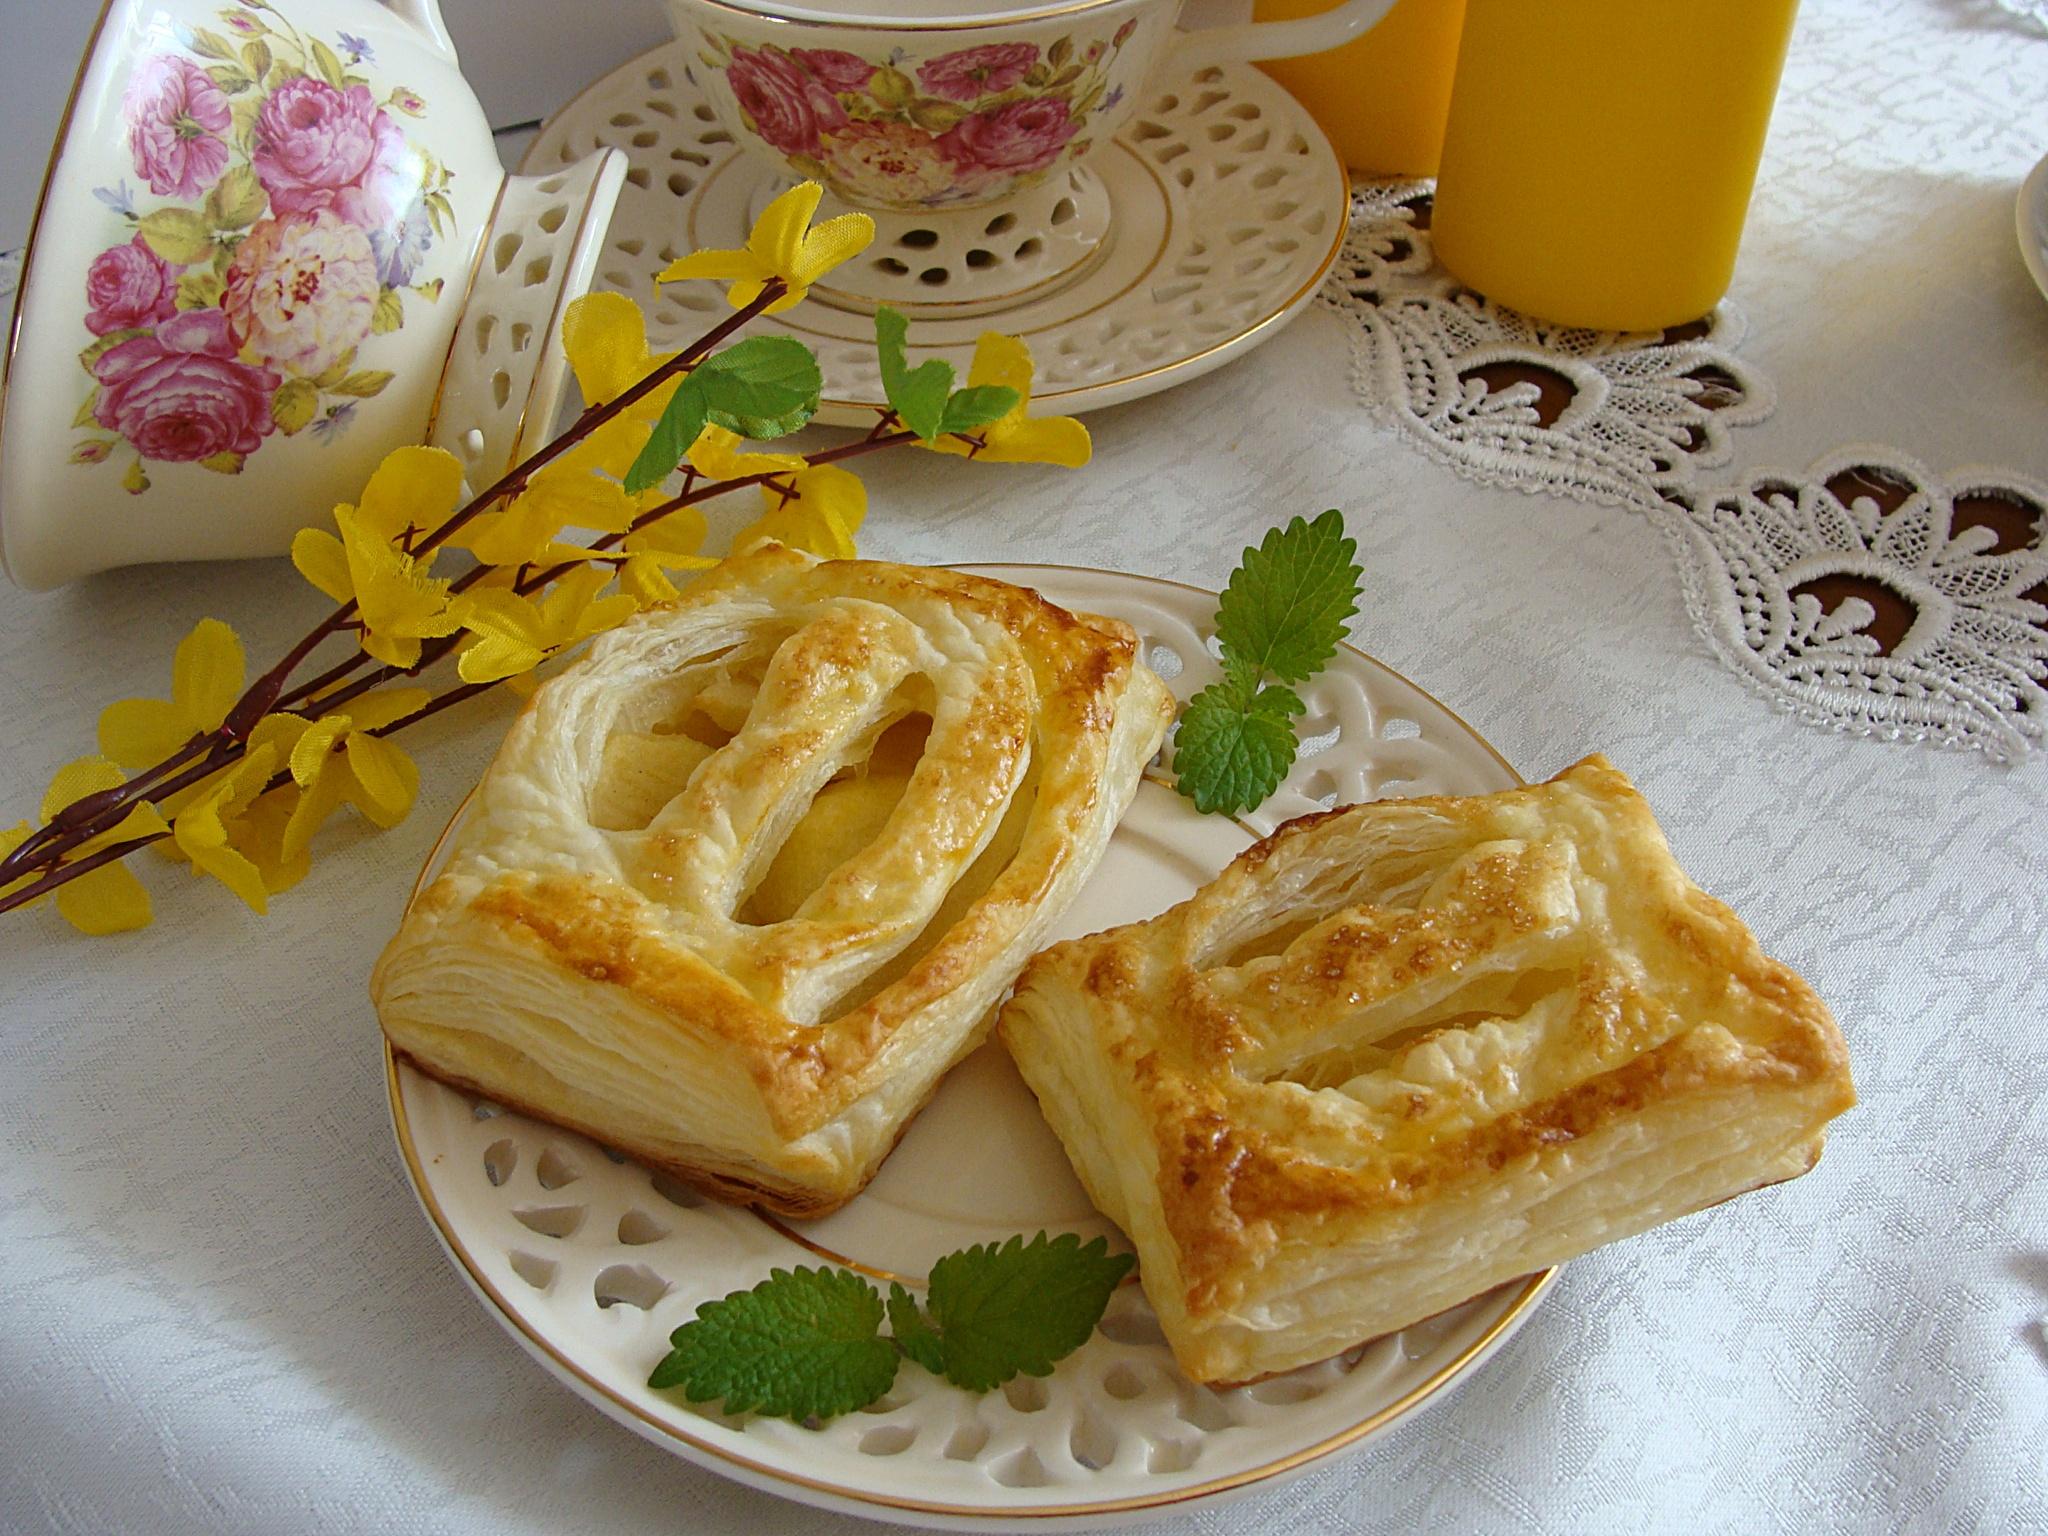 слоеное тесто пирожки картинки поздравление днем